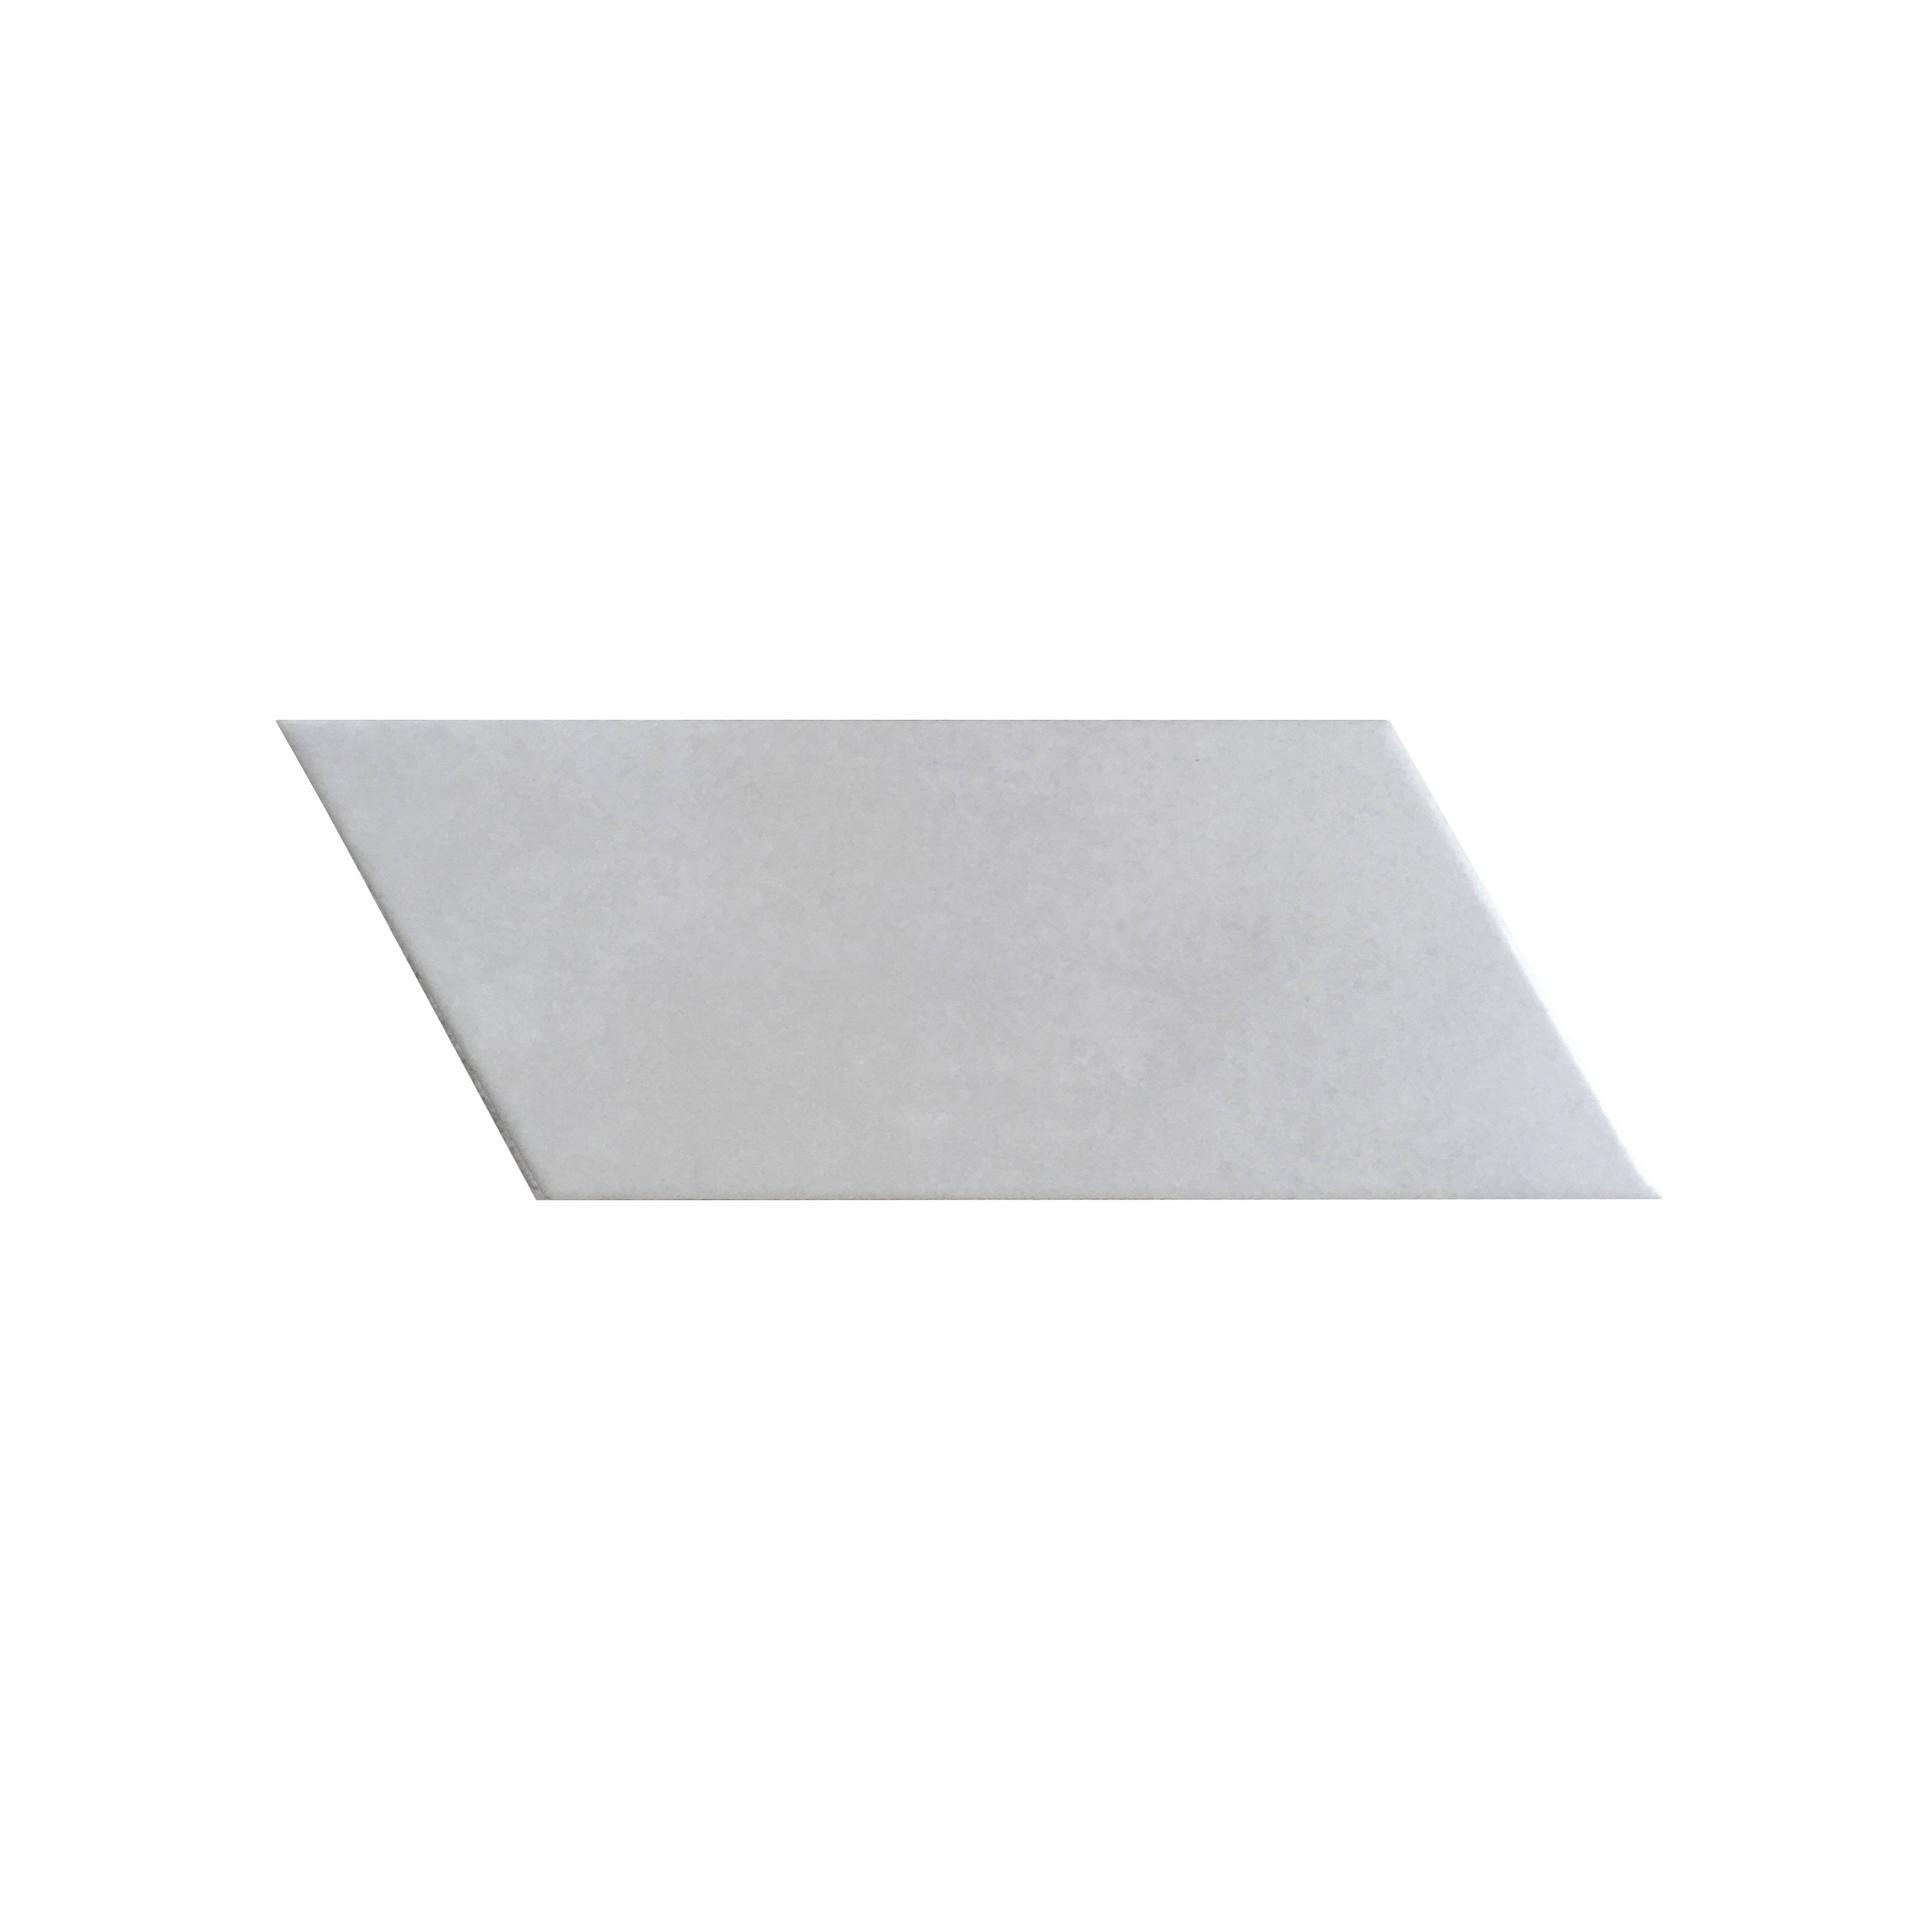 银灰岩HPYER13001Q 浅灰